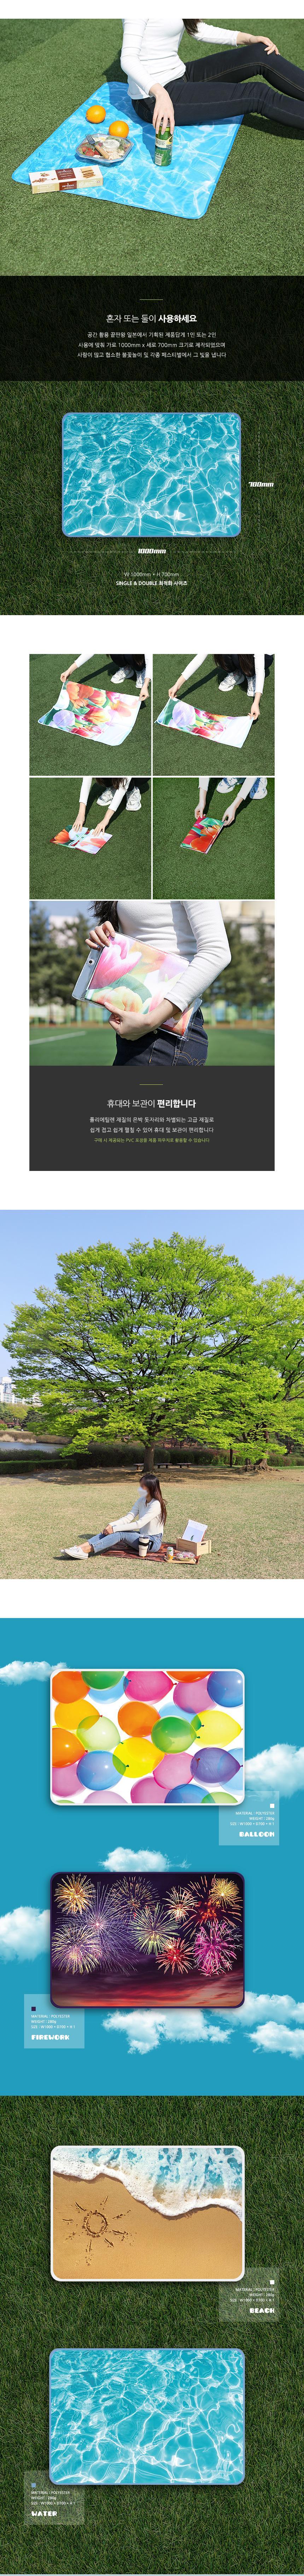 등산 낚시 피크닉 피서필수품 발수매트 돗자리PICTURE - 히키스, 15,800원, 매트/돗자리, 매트/돗자리/베개